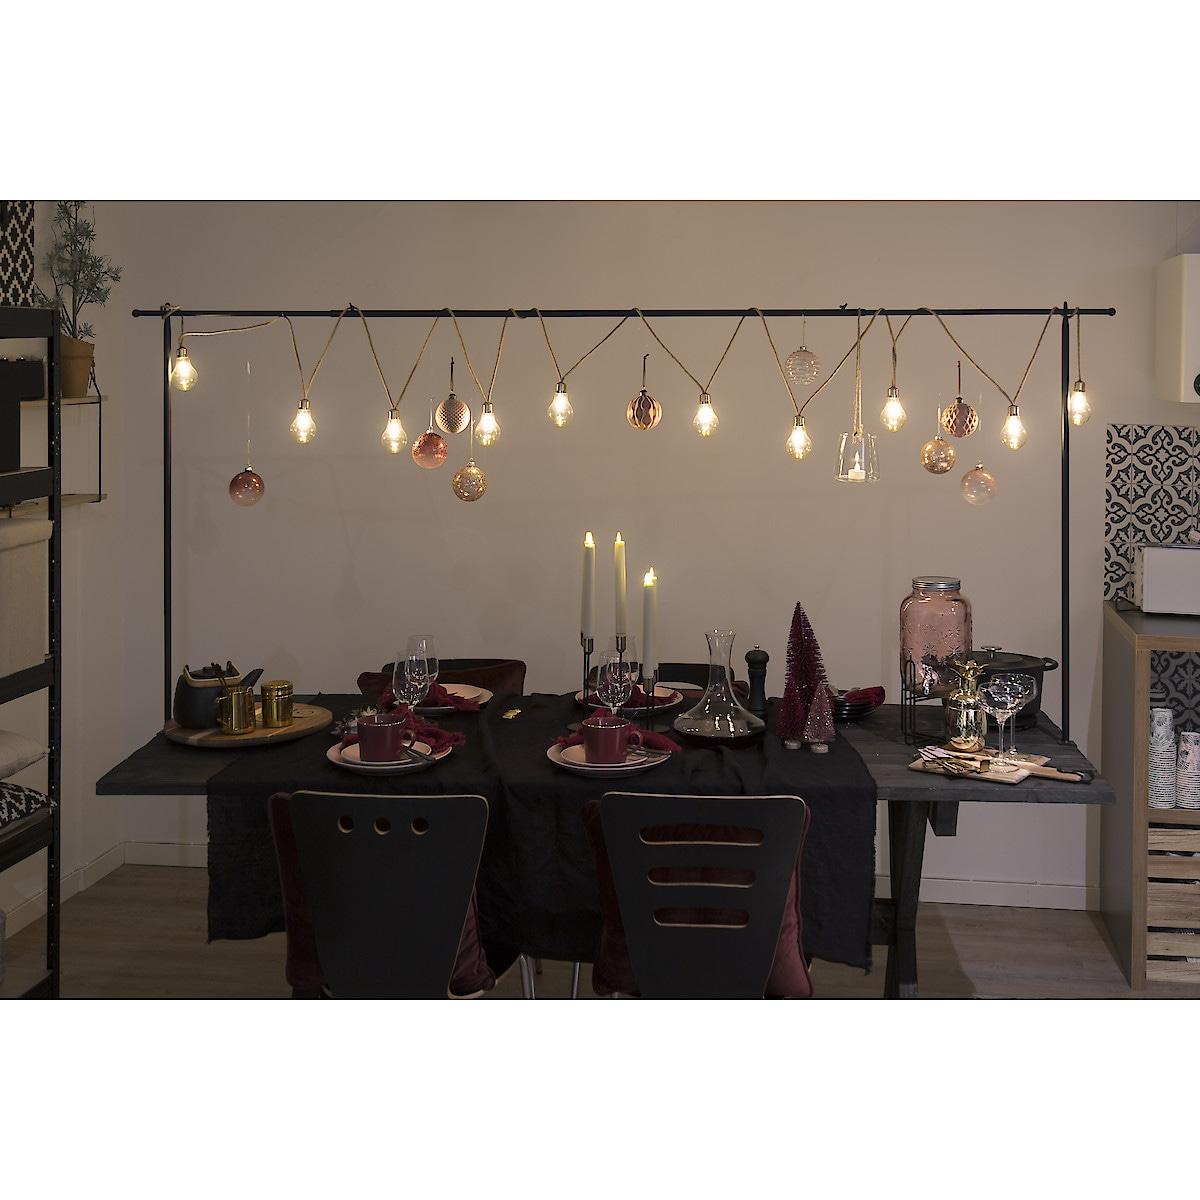 Koristeteline pöydälle